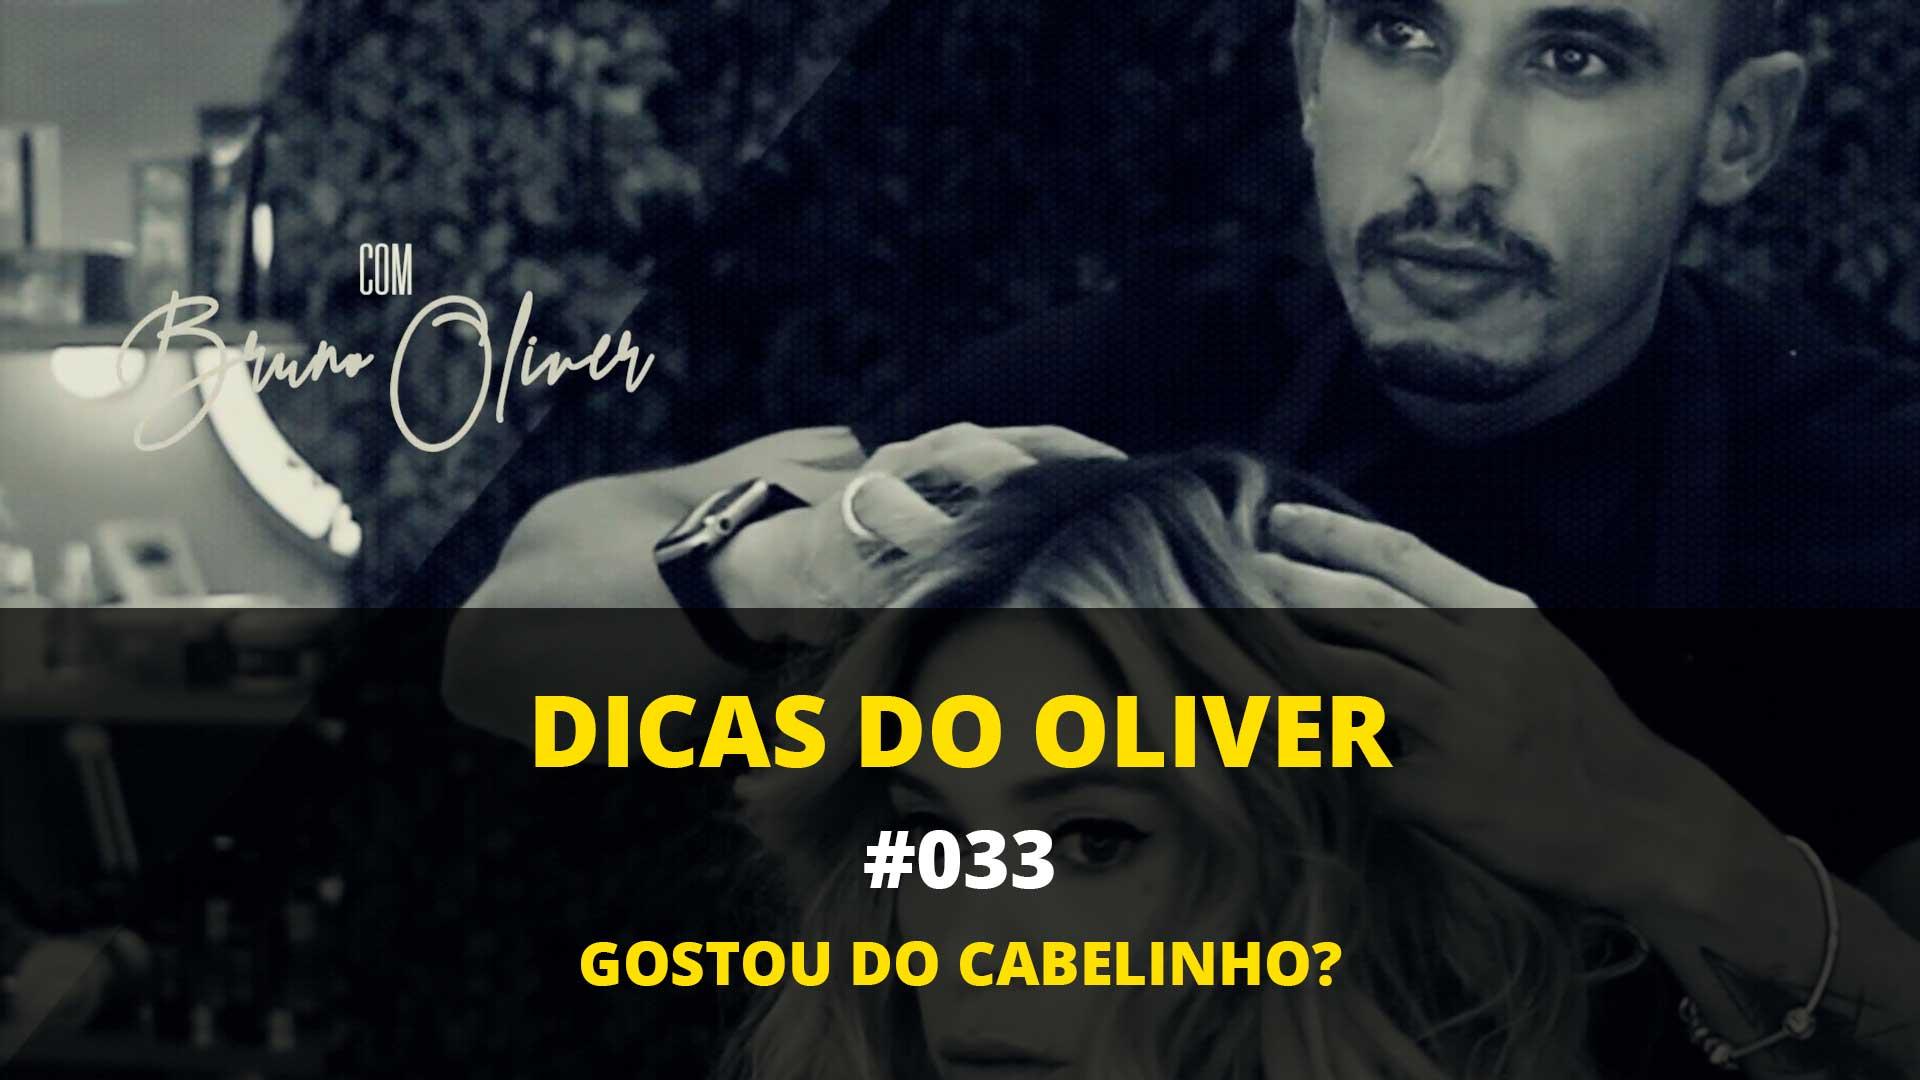 Dicas do Oliver #033 – Gostou do Cabelinho?